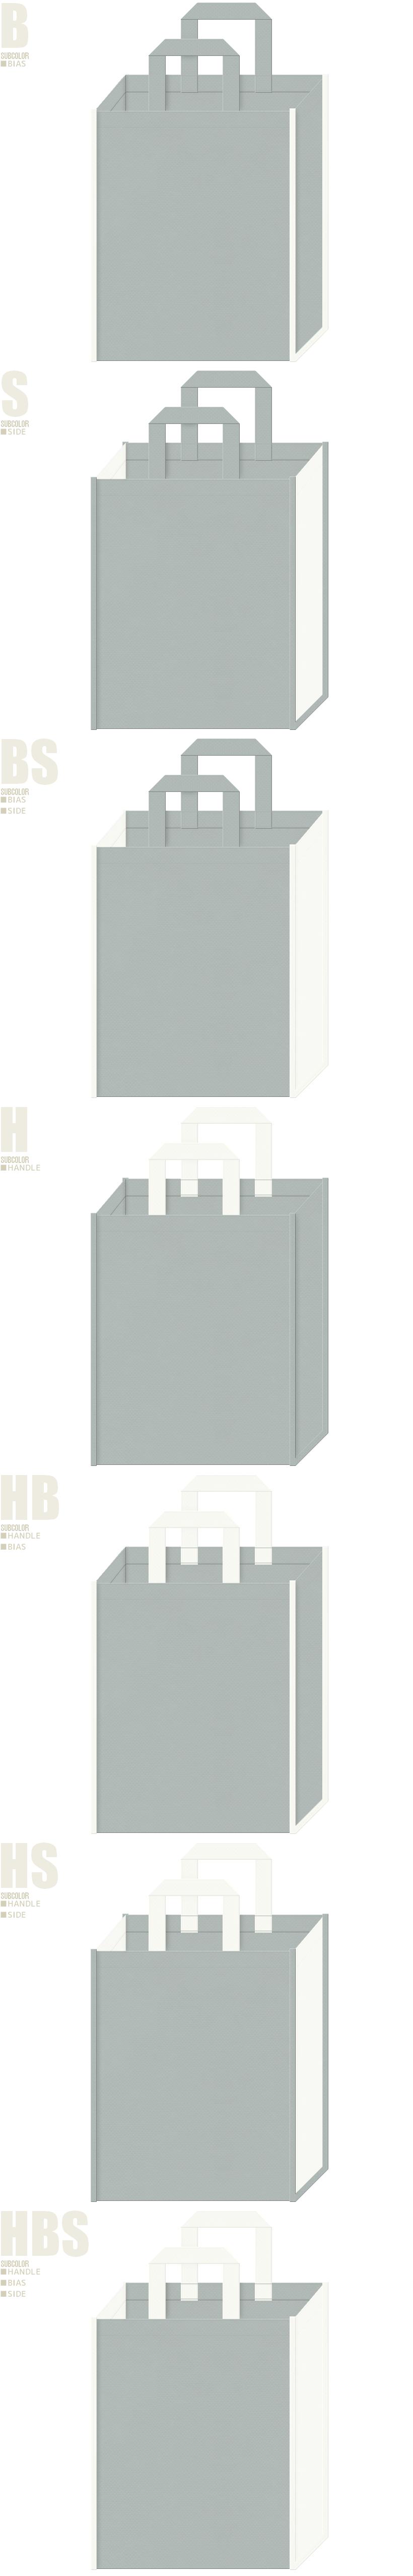 製図・設計・什器・事務用品・ロボット・アルミサッシ・金属・機械・コンクリート・建築・ネコ・ウサギ・イルカ・コアラ・カンガルー・ワニ・ハト・フクロウ・マウス・ハムスター・リス・オオカミ・ハスキー犬・イタリアングレーハウンド・トイプードル・絵本・おとぎ話・ぬいぐるみ・ペット用品の展示会用バッグにお奨めの不織布バッグデザイン:グレー色とオフホワイト色の配色7パターン